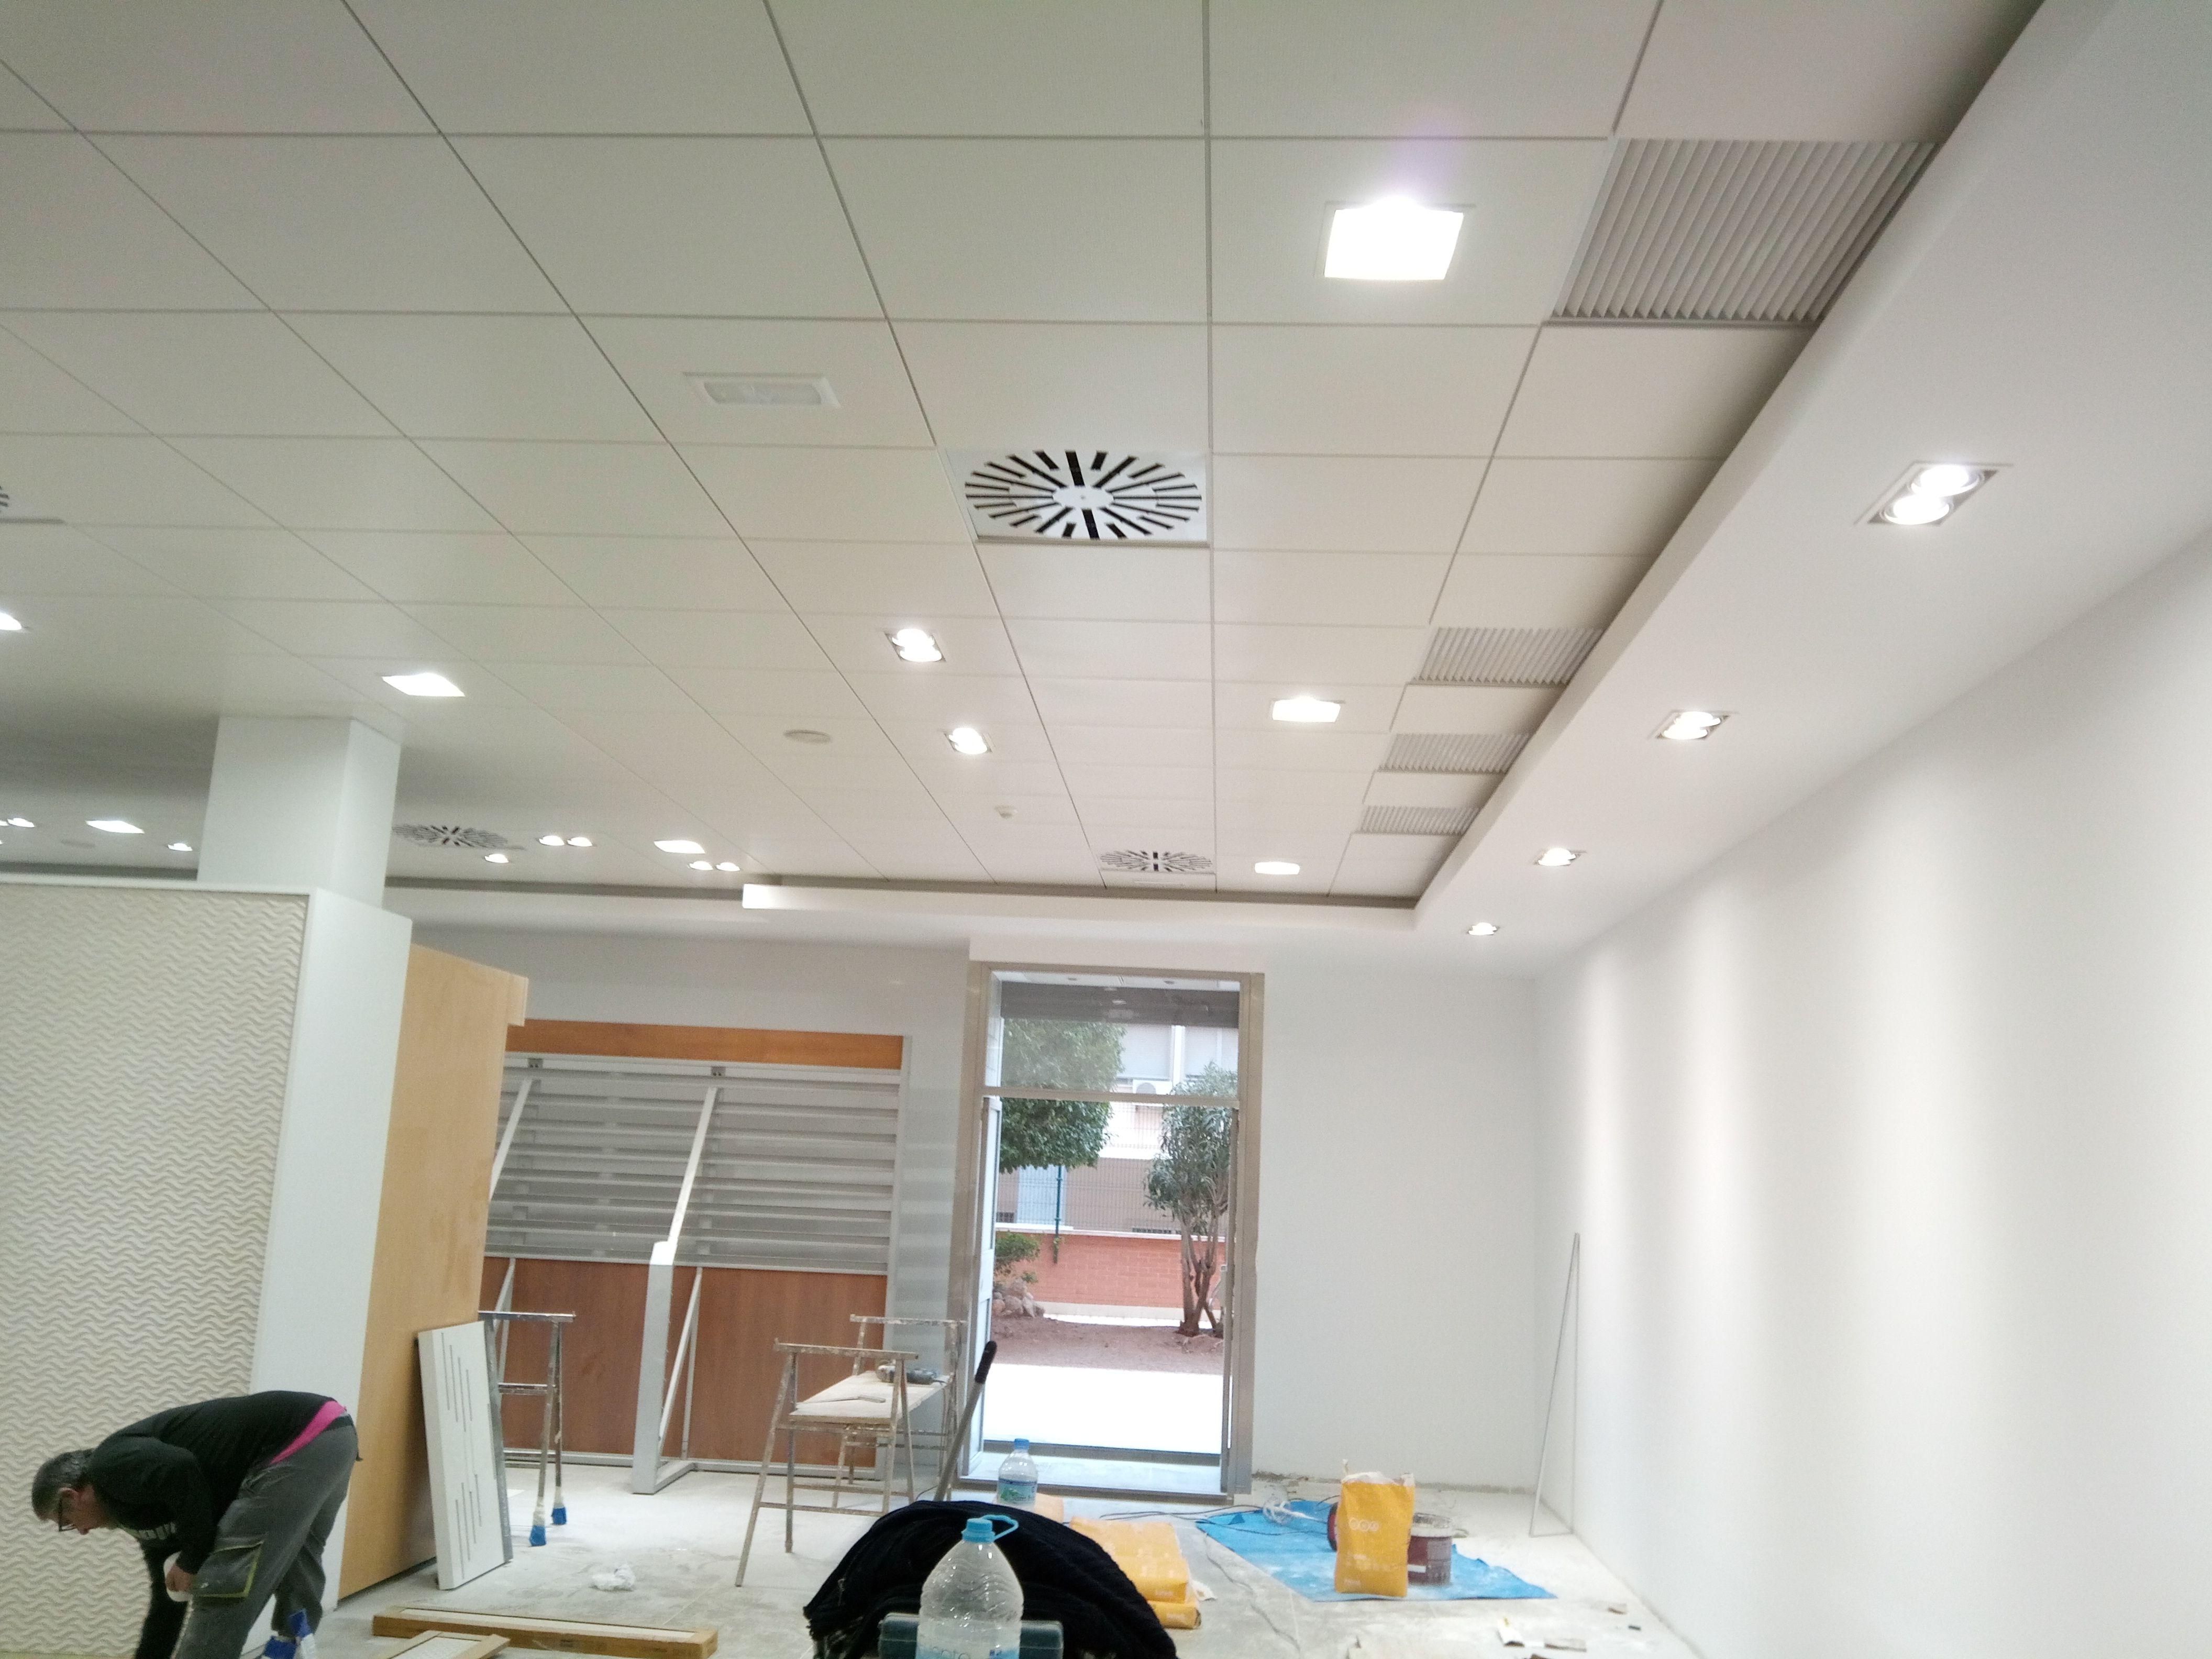 Foto 56 de Aislamientos acústicos y térmicos en Almería | Acoustic Drywall